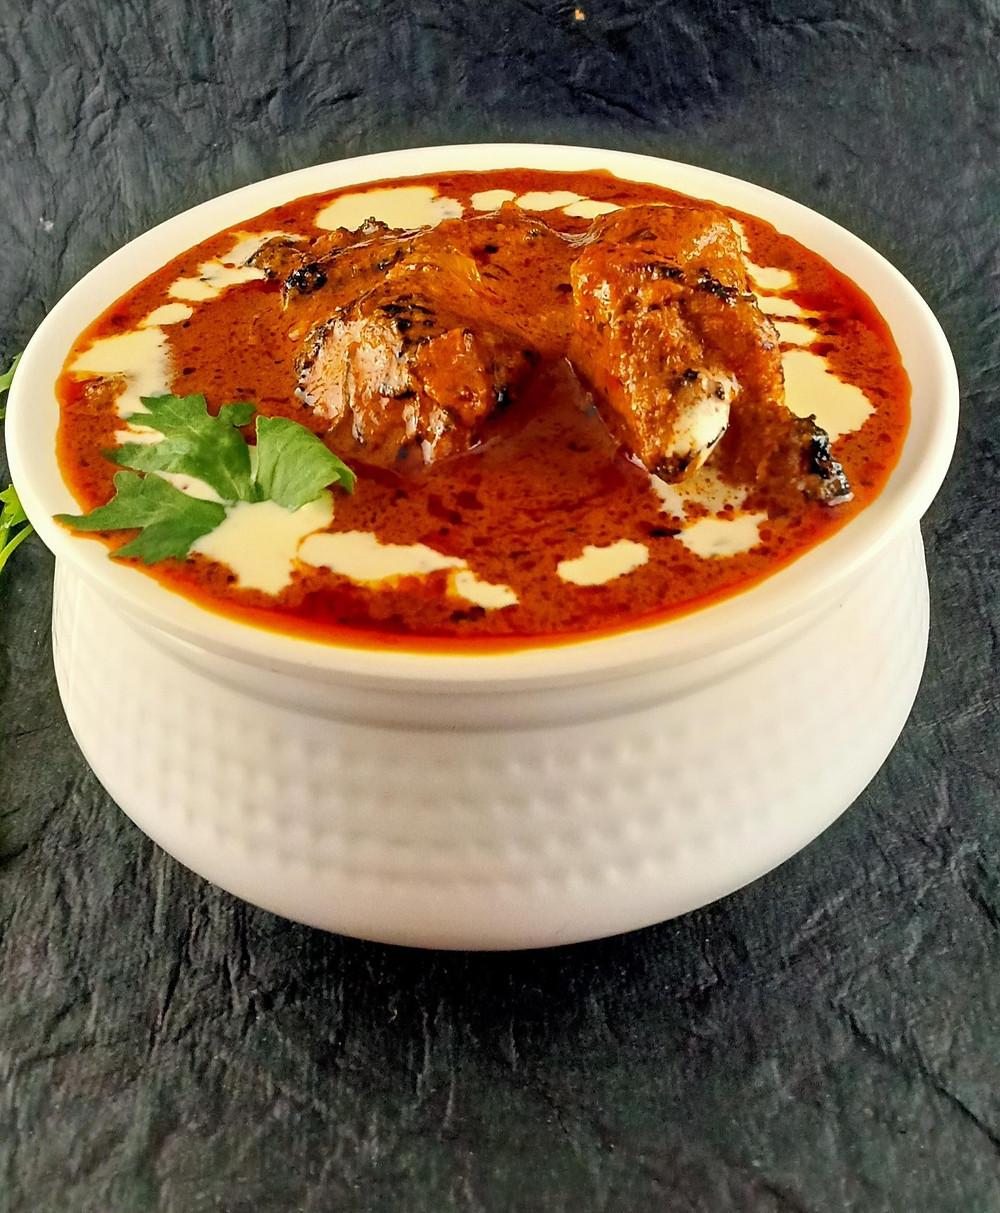 Restaurant Style Chicken Tikka Masala.